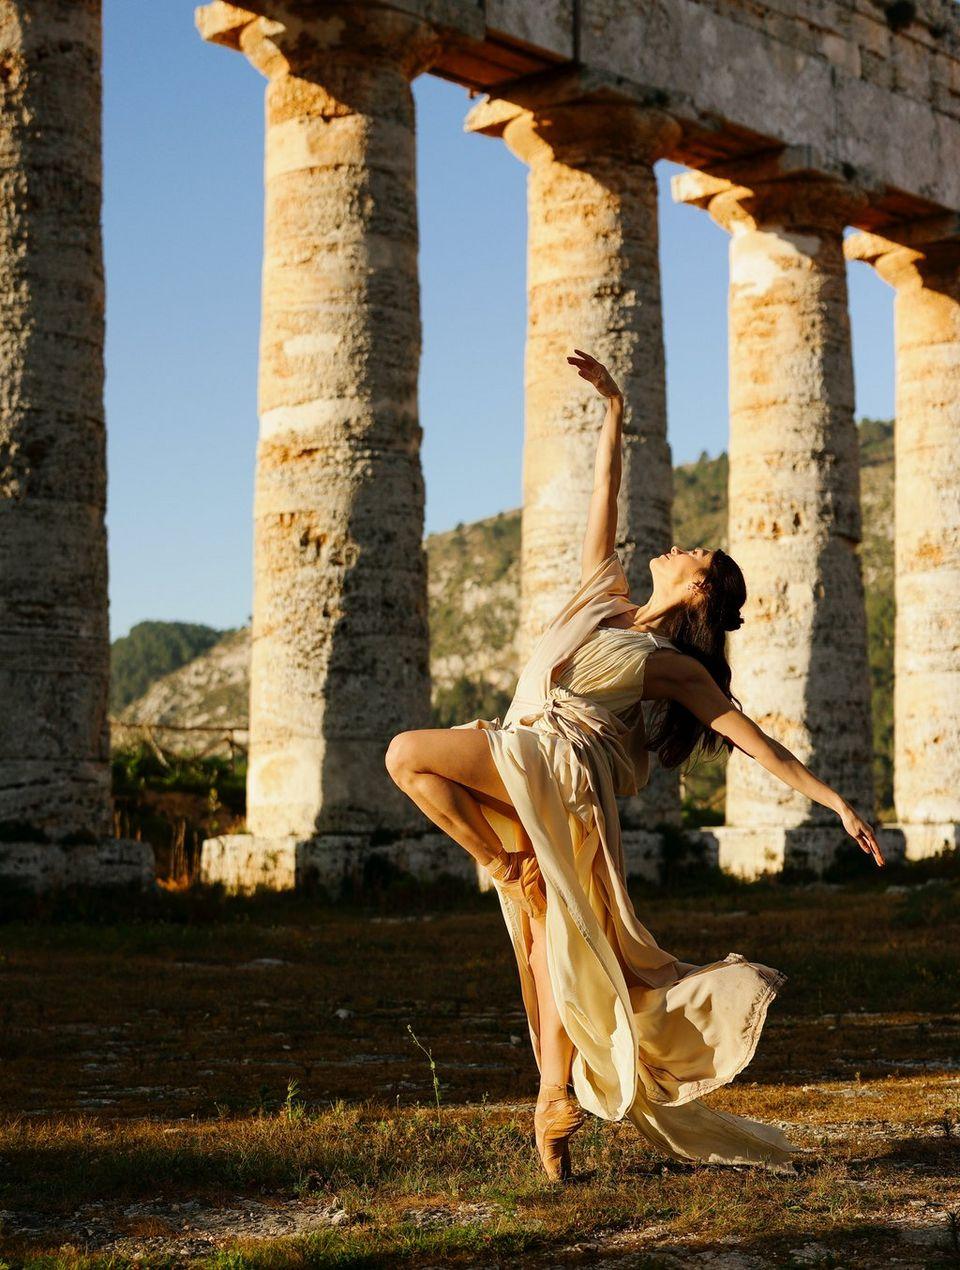 Balerin pozând într-o zonă deschisă, înconjurată de coloane